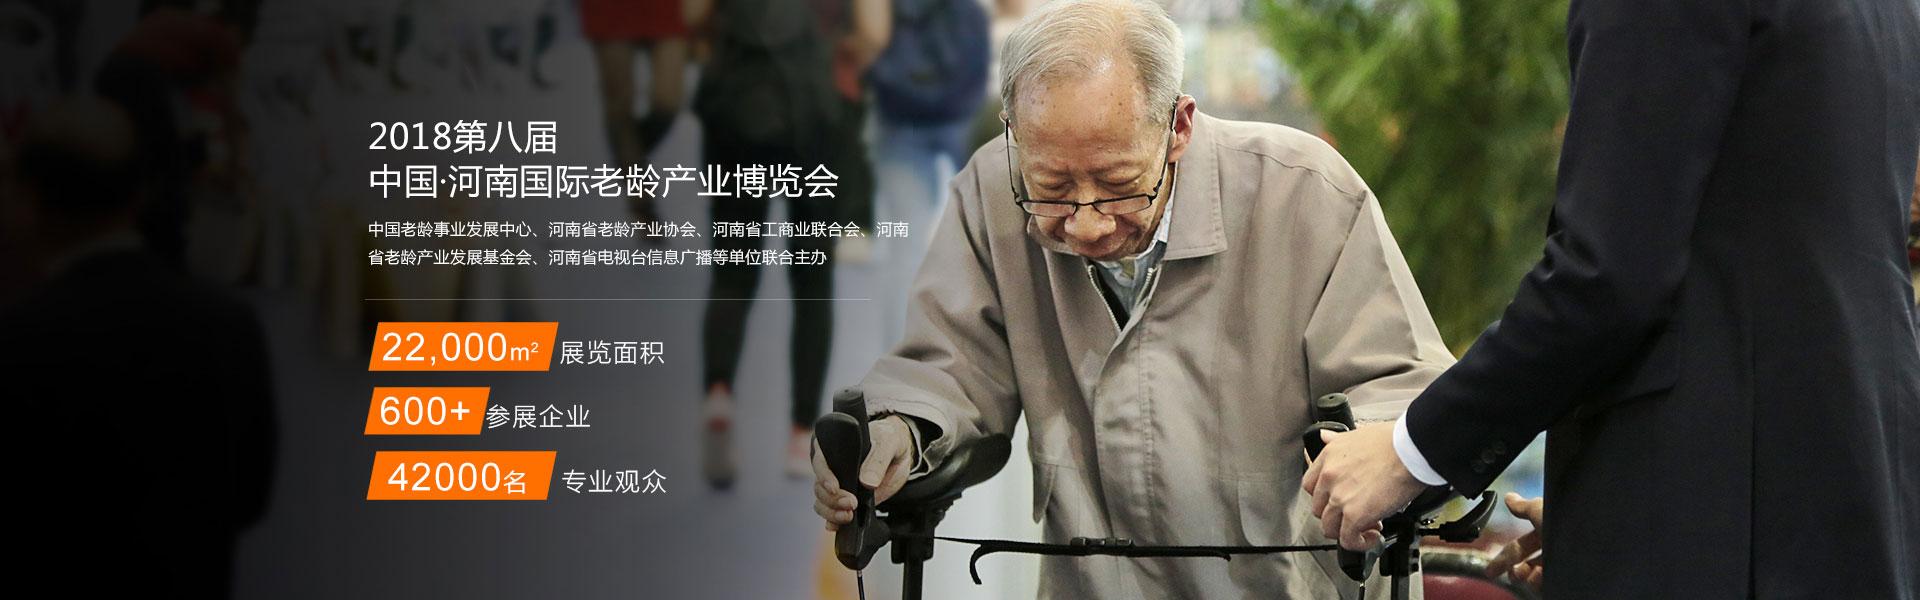 2018第八届中国·河南国际老龄产业博览会